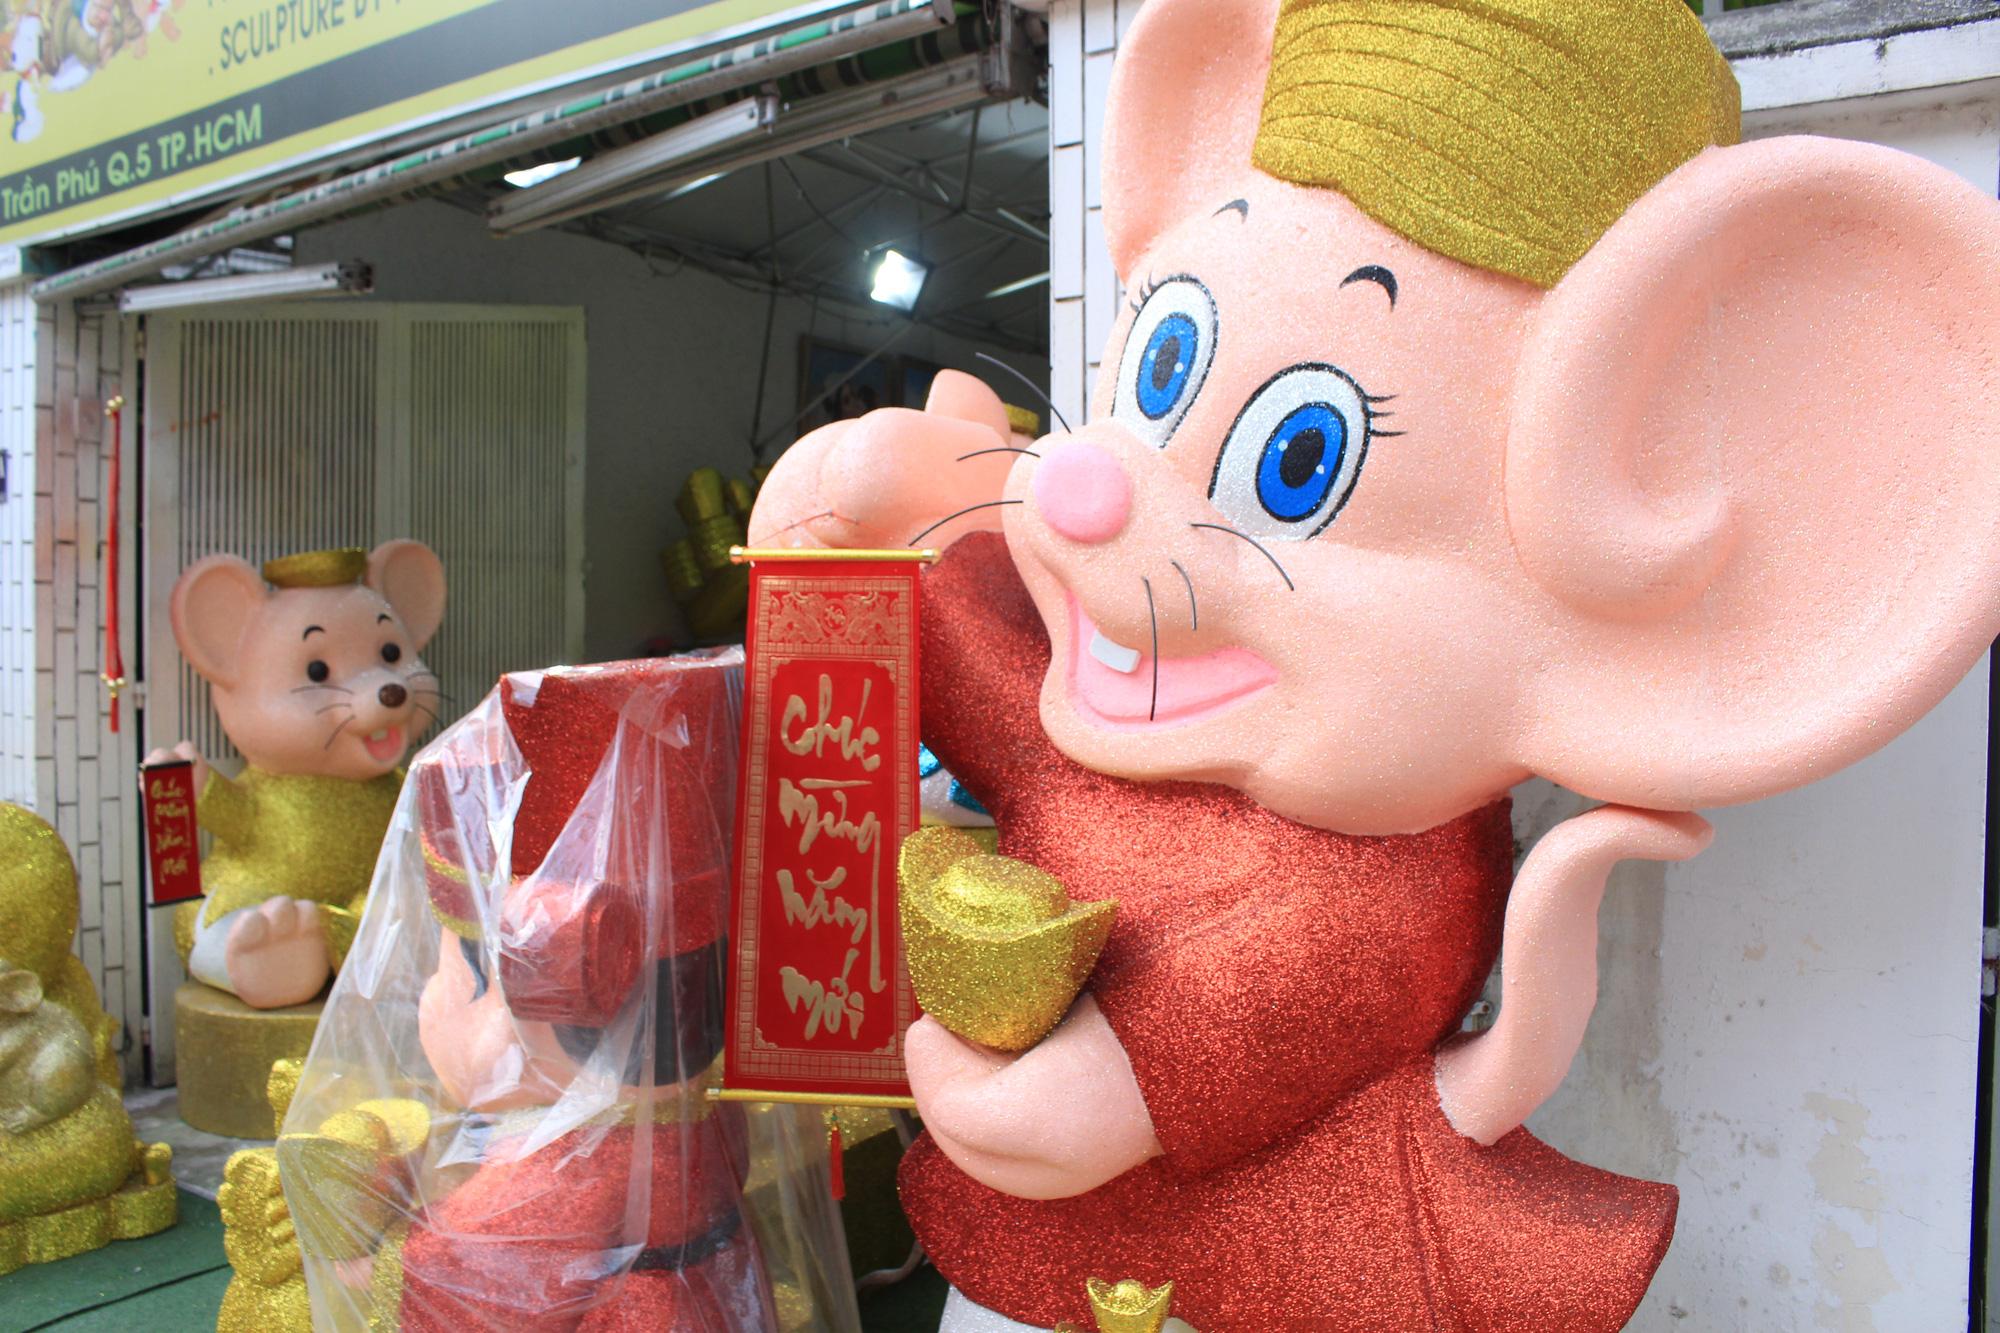 Chuột khổng lồ Tết Canh Tí chục triệu đồng ở Sài Gòn - Ảnh 3.